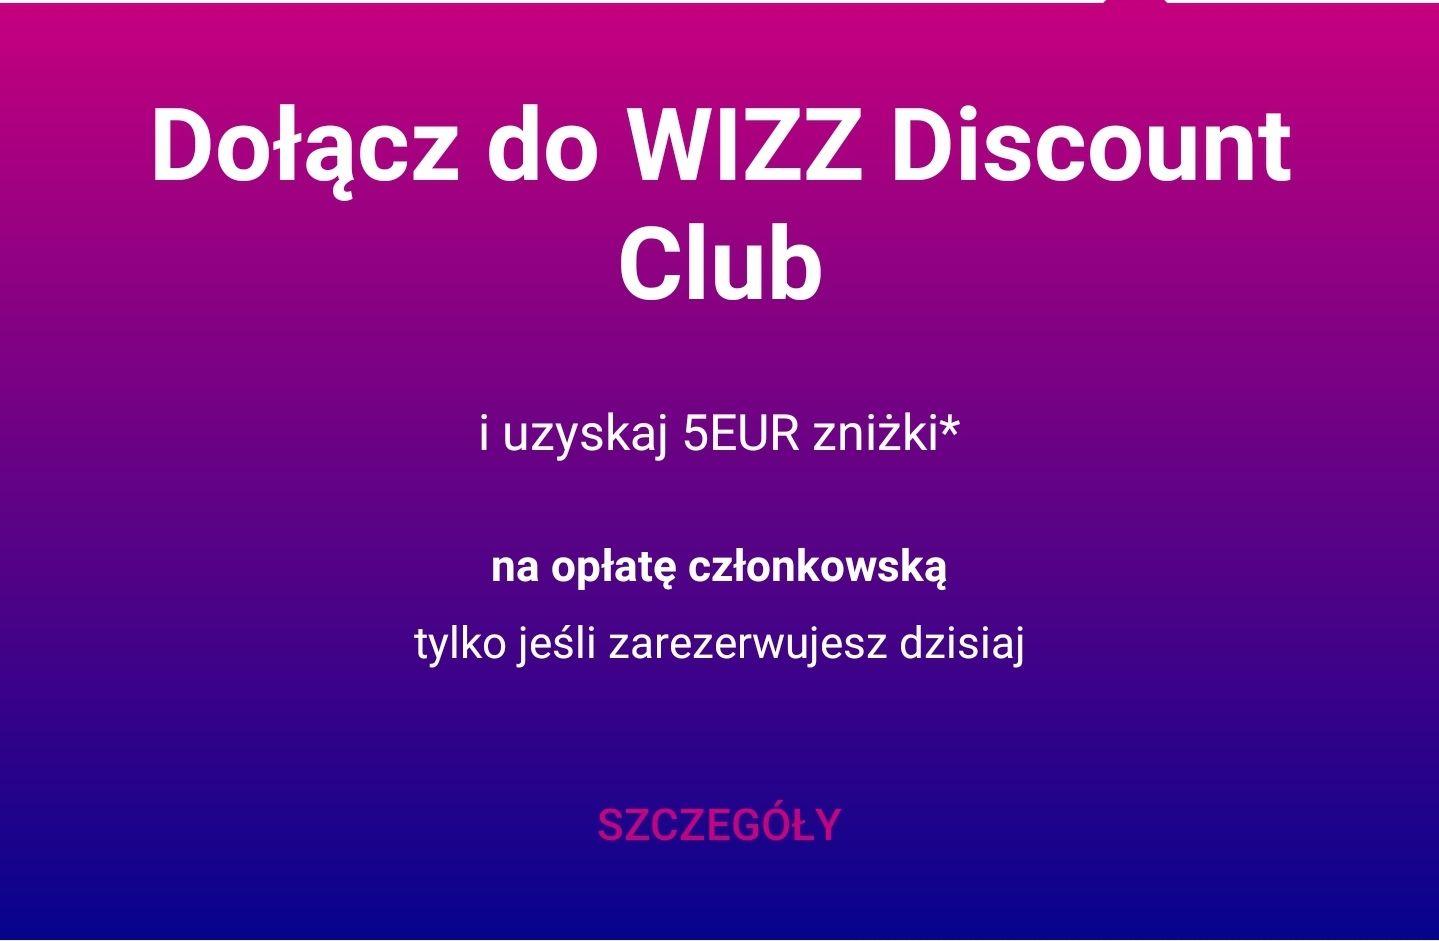 5 Euro zniżki na Kartę członkowską Wizz Discount Club